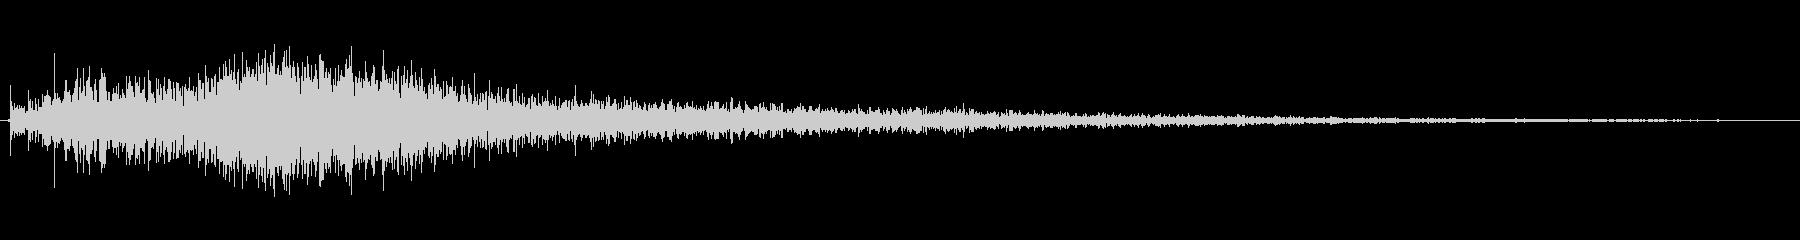 ホラー ピアノトゥワンアクセラレー...の未再生の波形